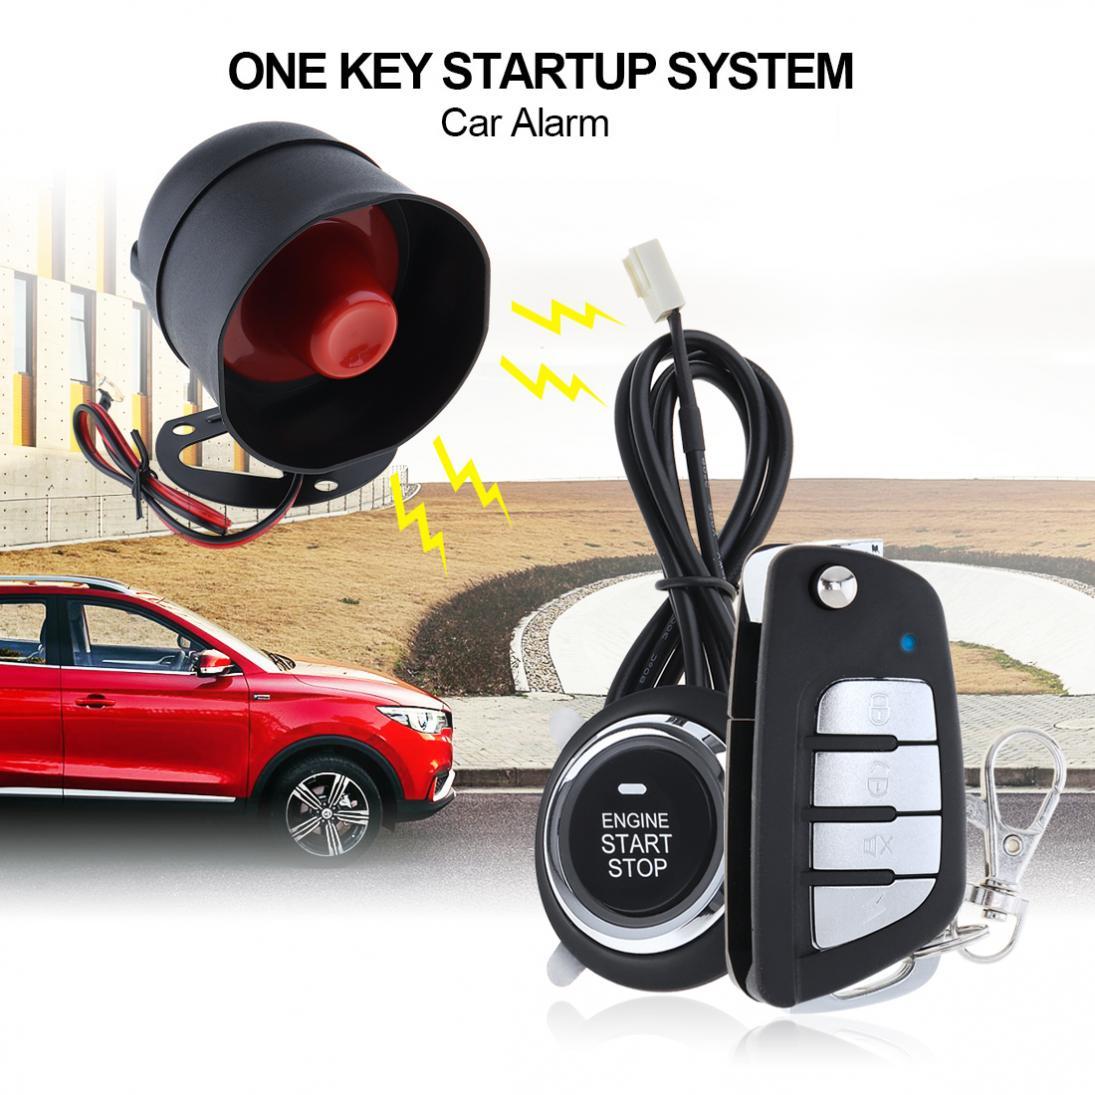 Système d'alarme de voiture universel 12 V système de démarrage automatique à distance avec verrouillage Central automatique et entrée sans clé 5A avec clé 3